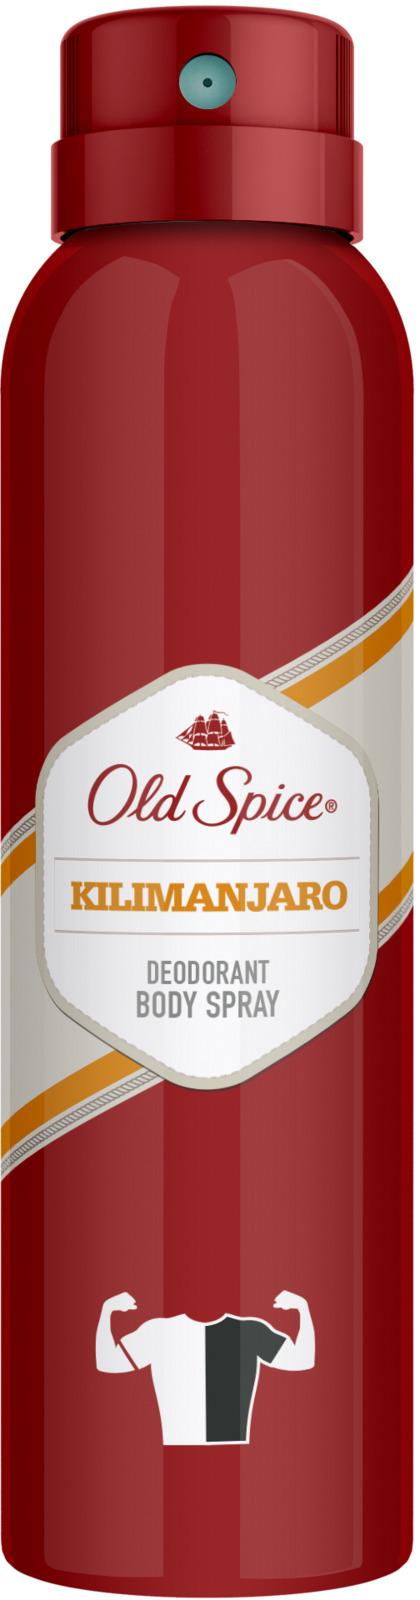 Дезодорант аэрозольный Old Spice Kilimanjaro, 150 мл